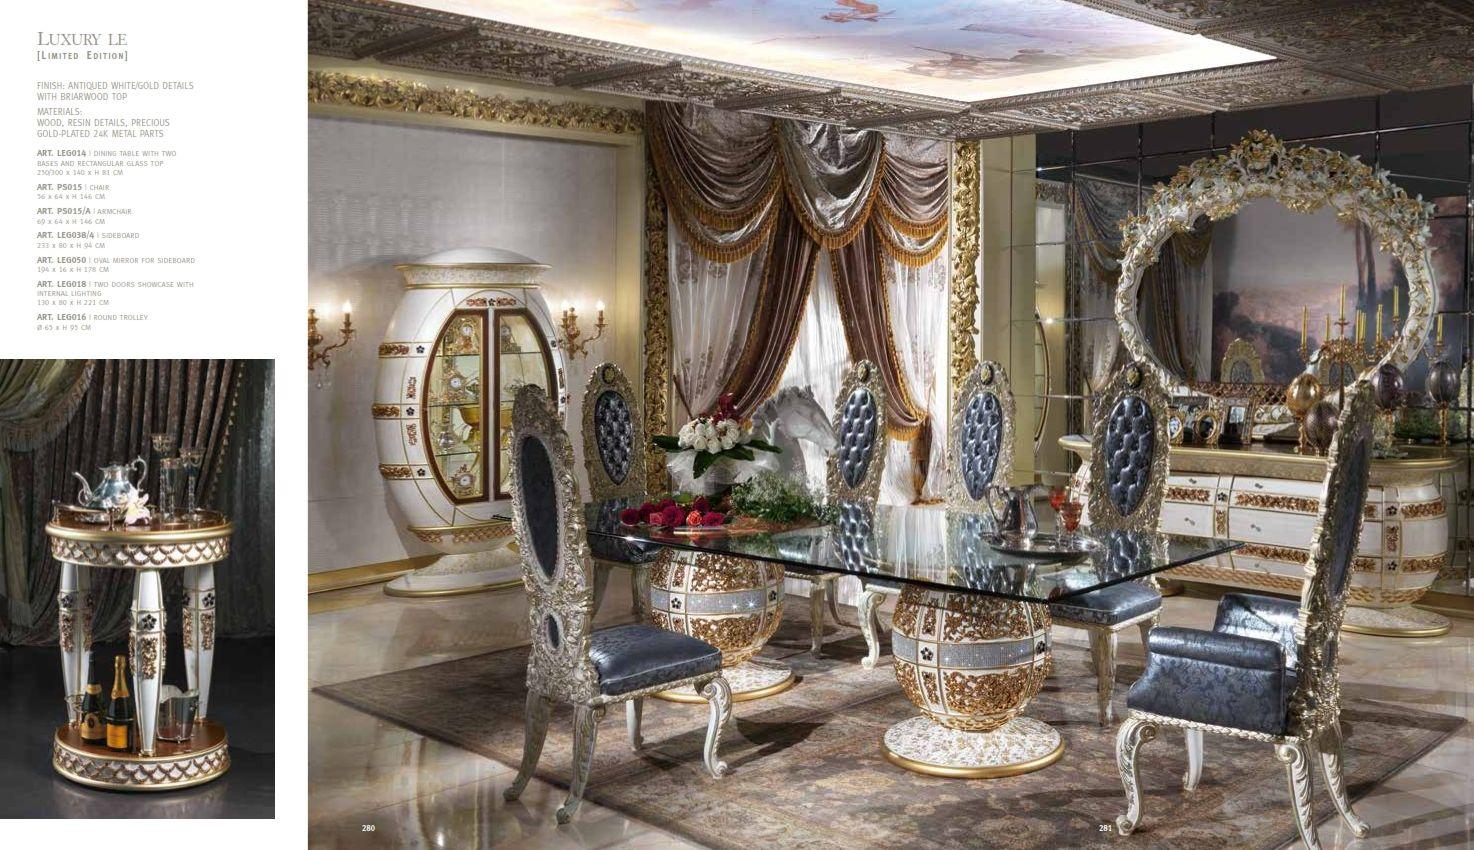 Luxus Mobel Luxus Kuche Luxus Limited Edition Serie